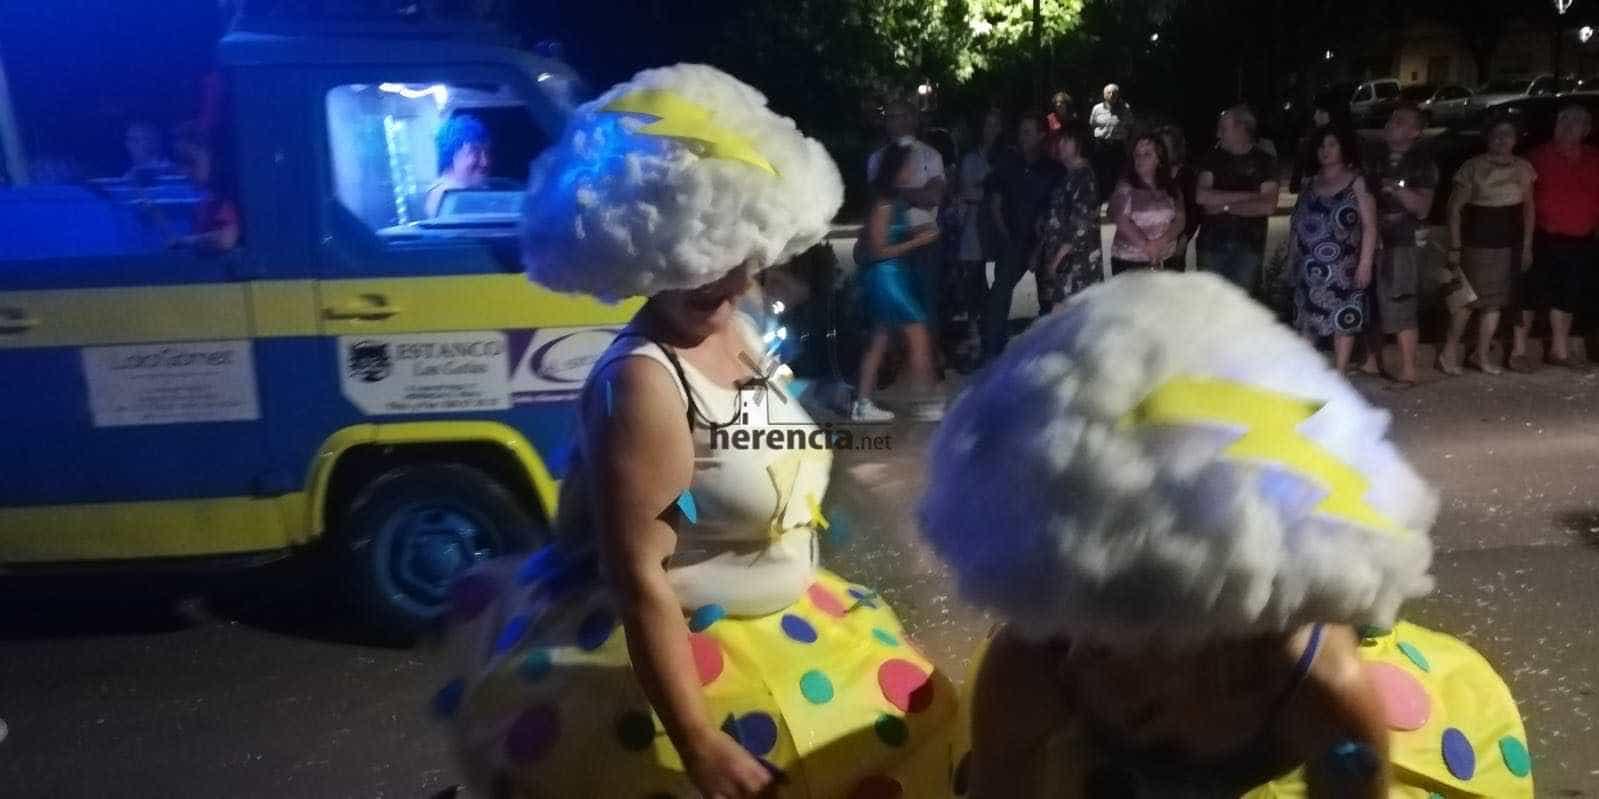 Carnaval de herencia 2019 galeria 33 - Galería de fotografías del Carnaval de Verano 2019